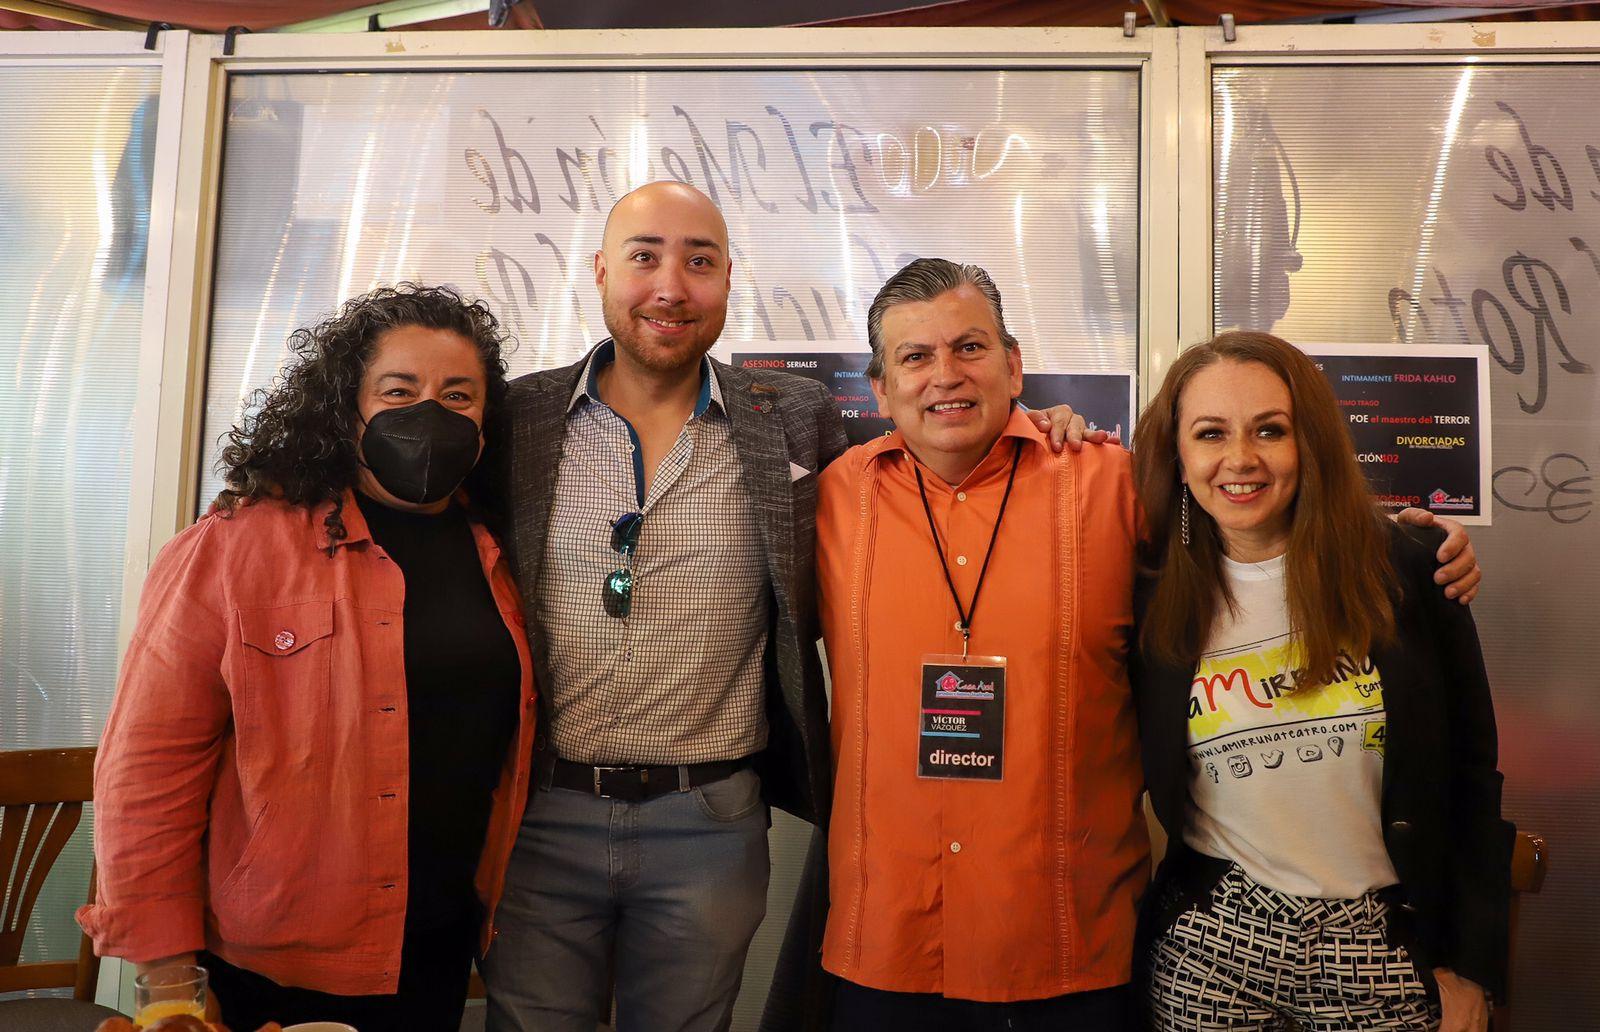 Casa Azul producciones anuncia su llegada a Querétaro